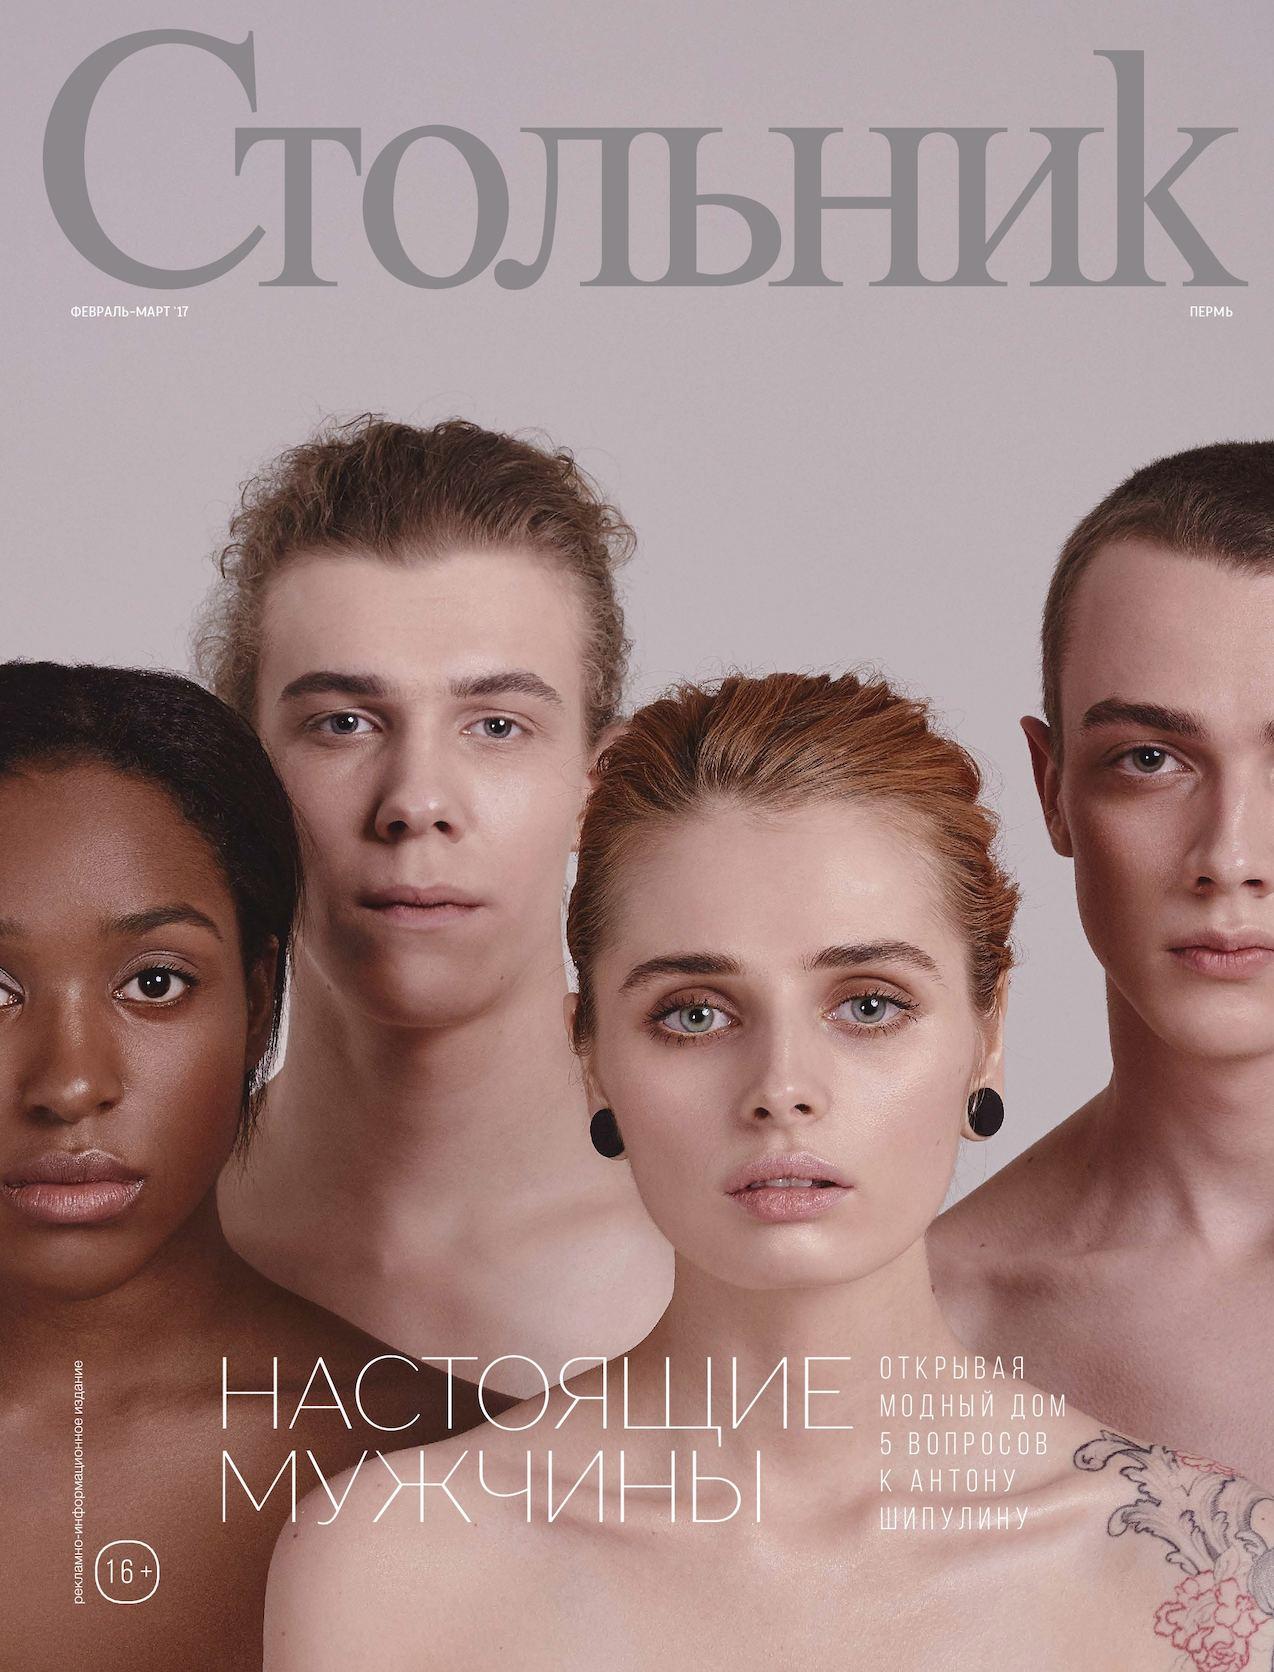 Русская девушка вика смолякова снимается в частном порно видео